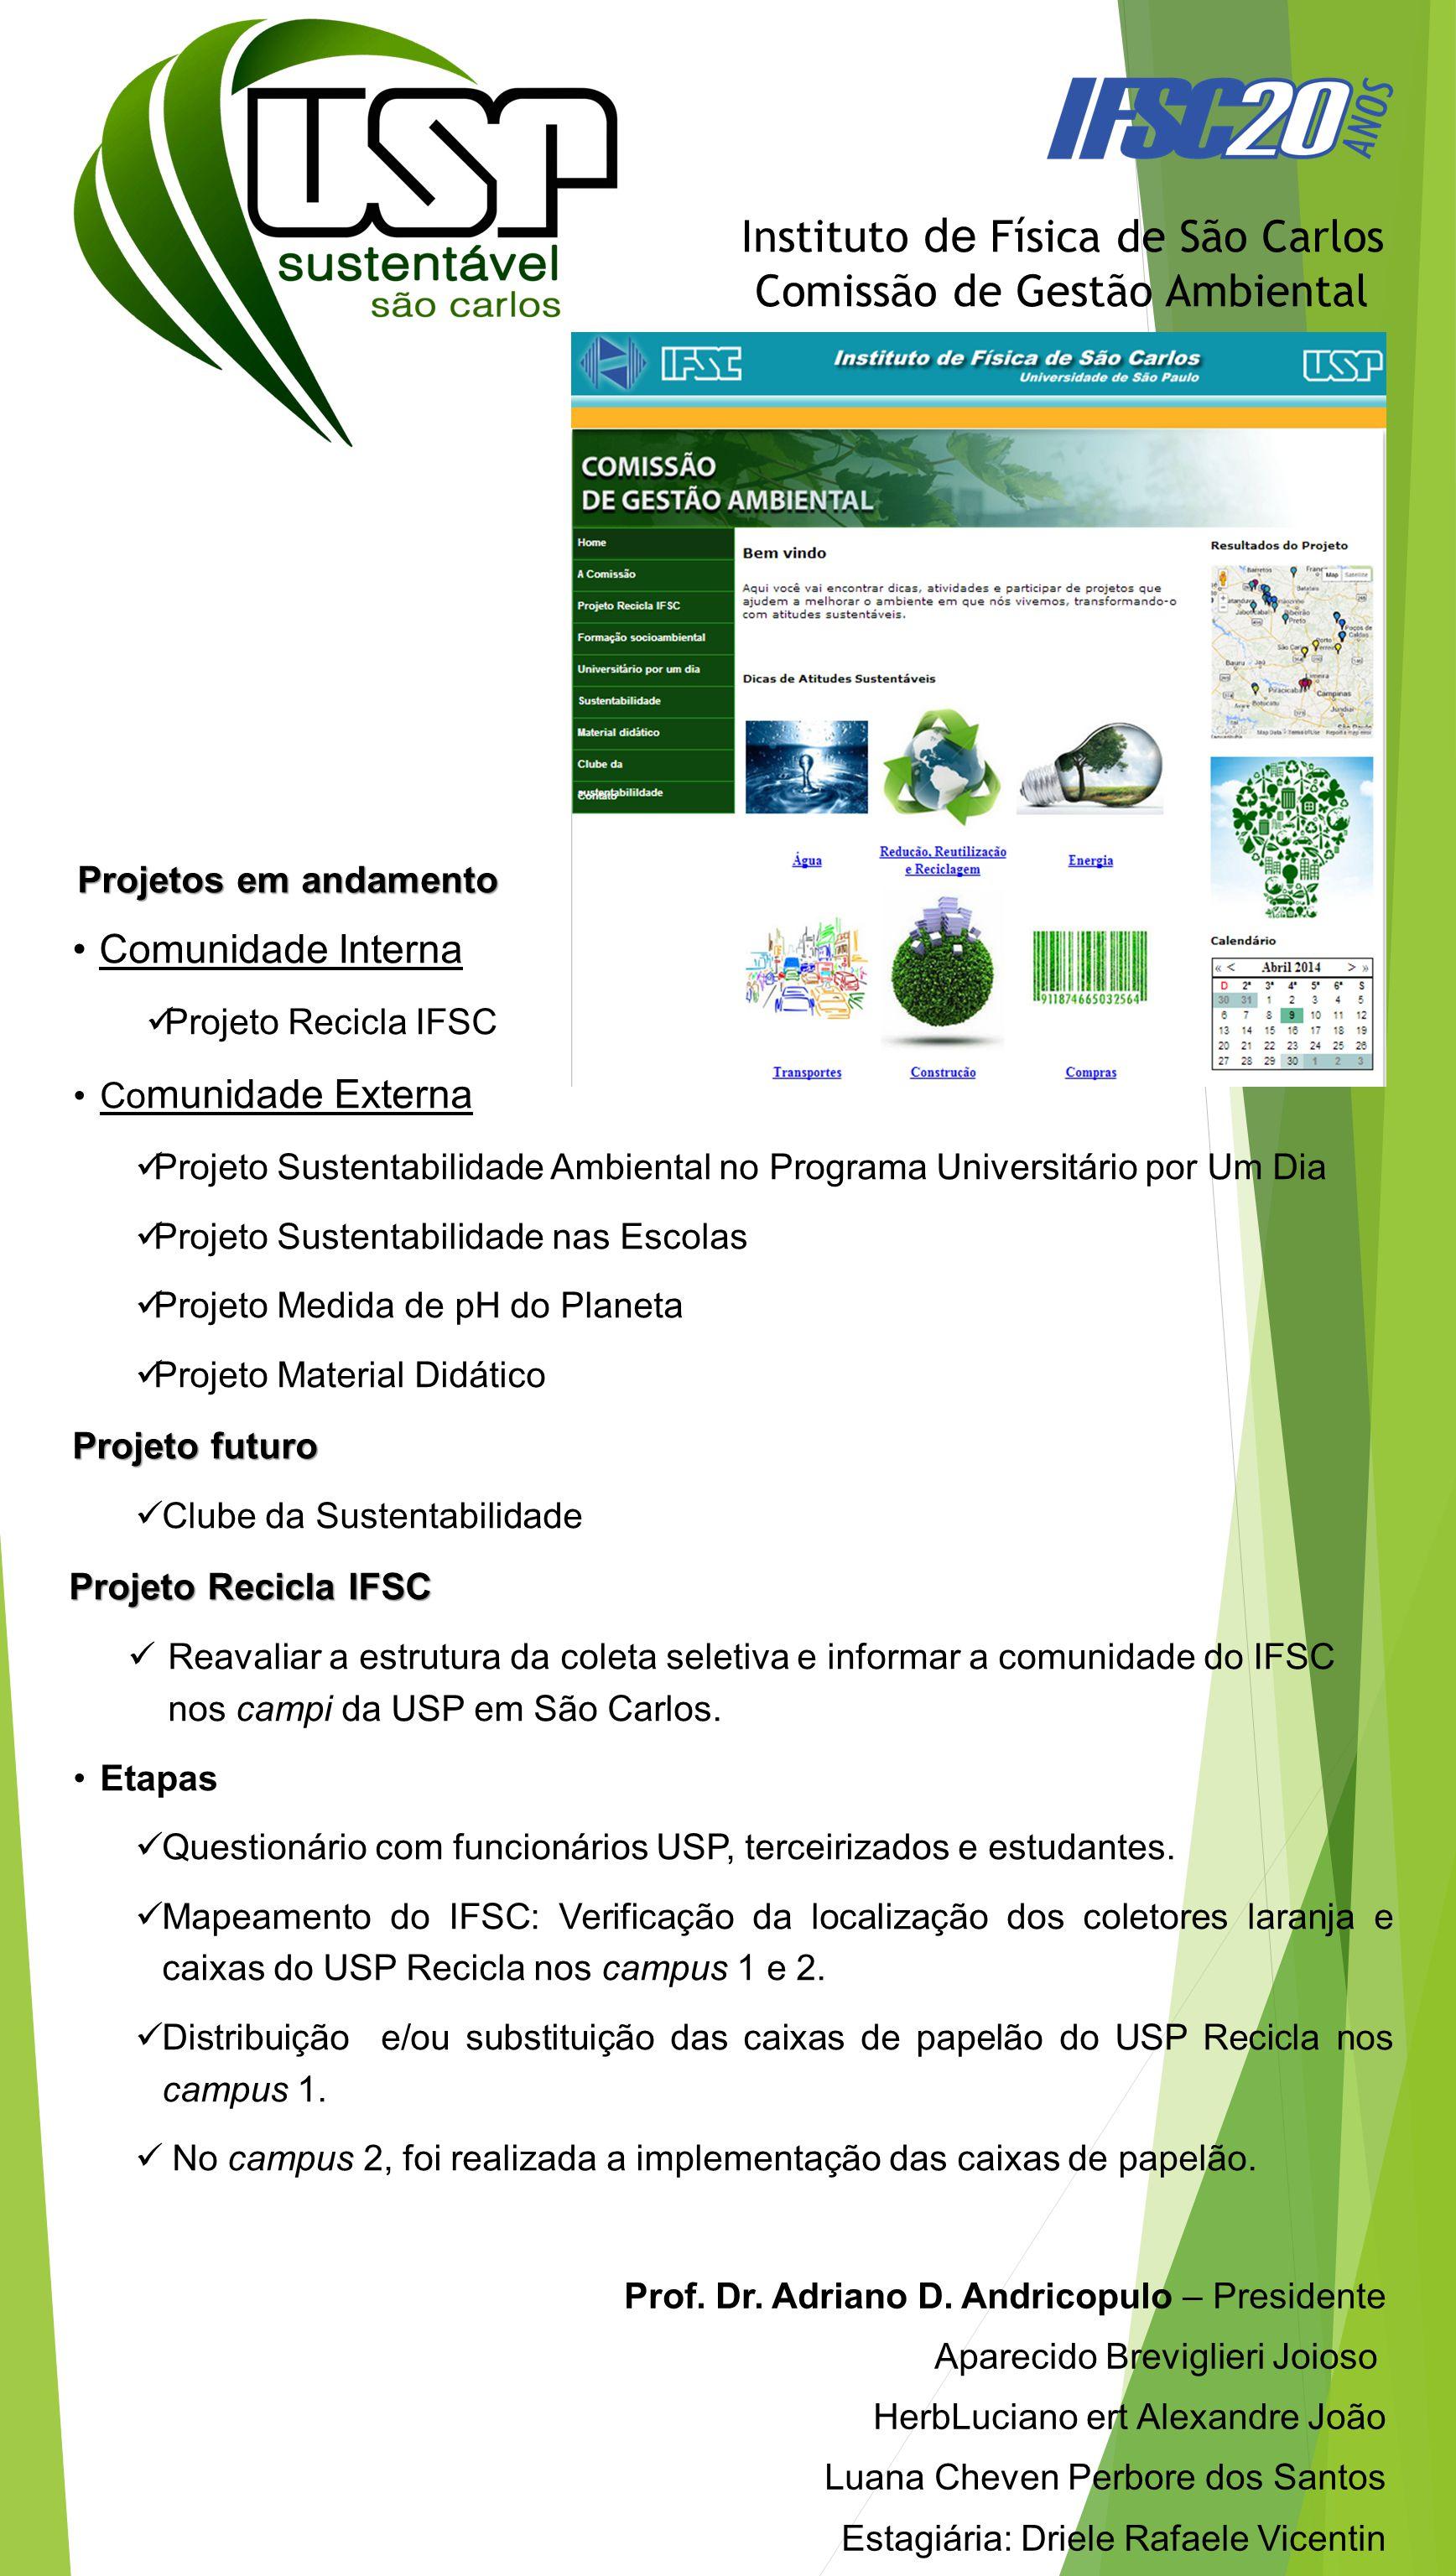 Projetos em andamento Comunidade Interna Projeto Recicla IFSC Co munidade Externa Projeto Sustentabilidade Ambiental no Programa Universitário por Um